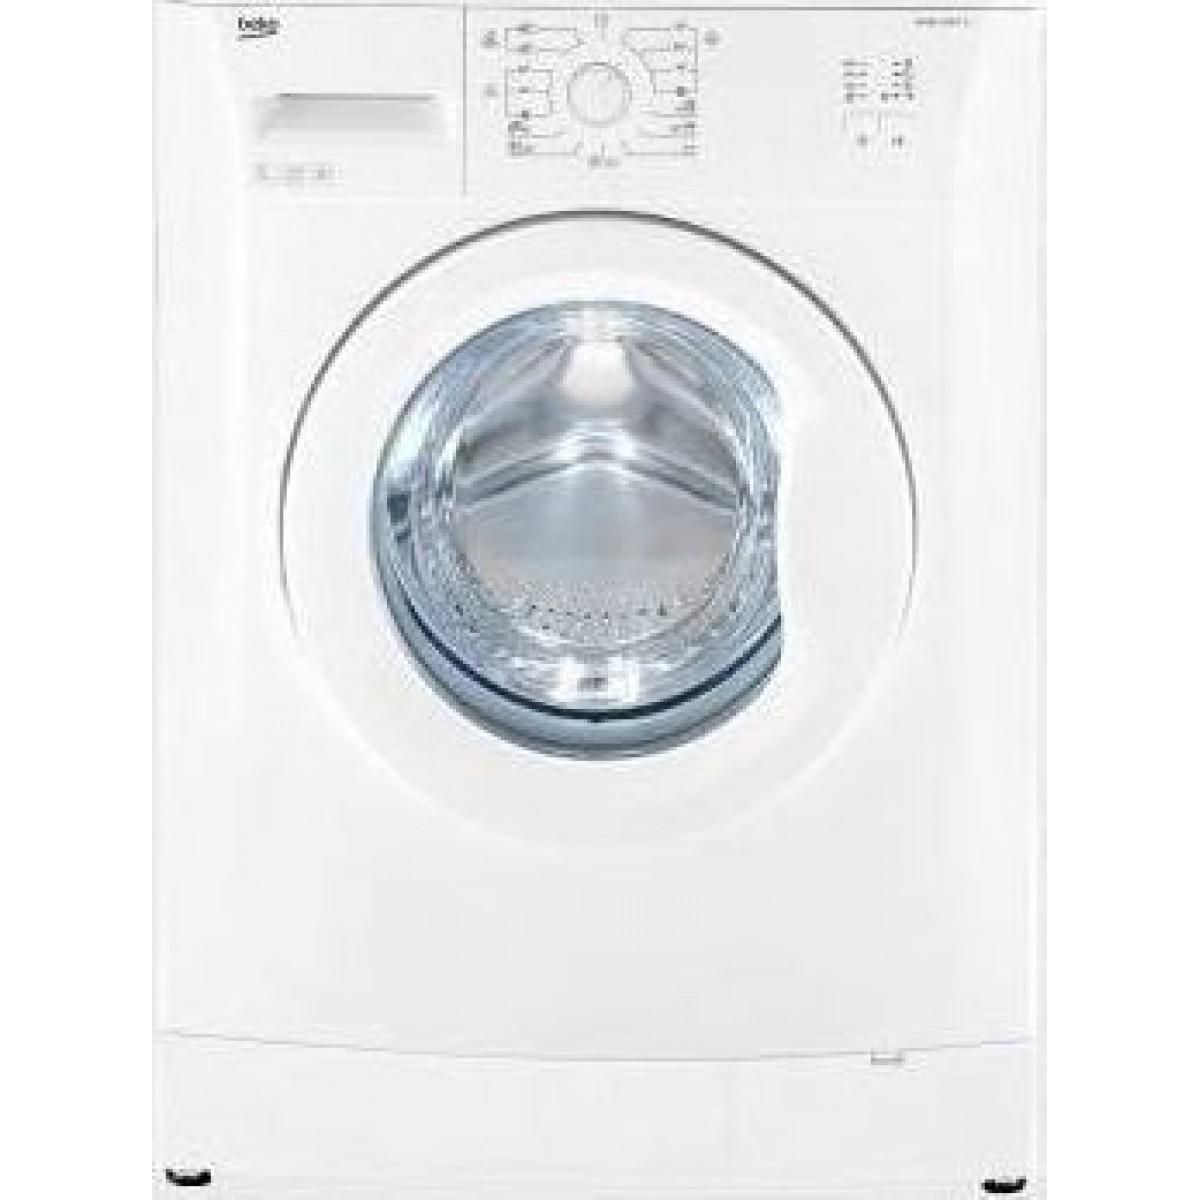 Πλυντηρια Ρουχων - Beko Πλυντήριο Ρούχων WMB 51001 Y ,5kg, 1000rpm, Α+ Πλυντήρια ρούχων Ηλεκτρικες Συσκευες - homeelectrics.gr